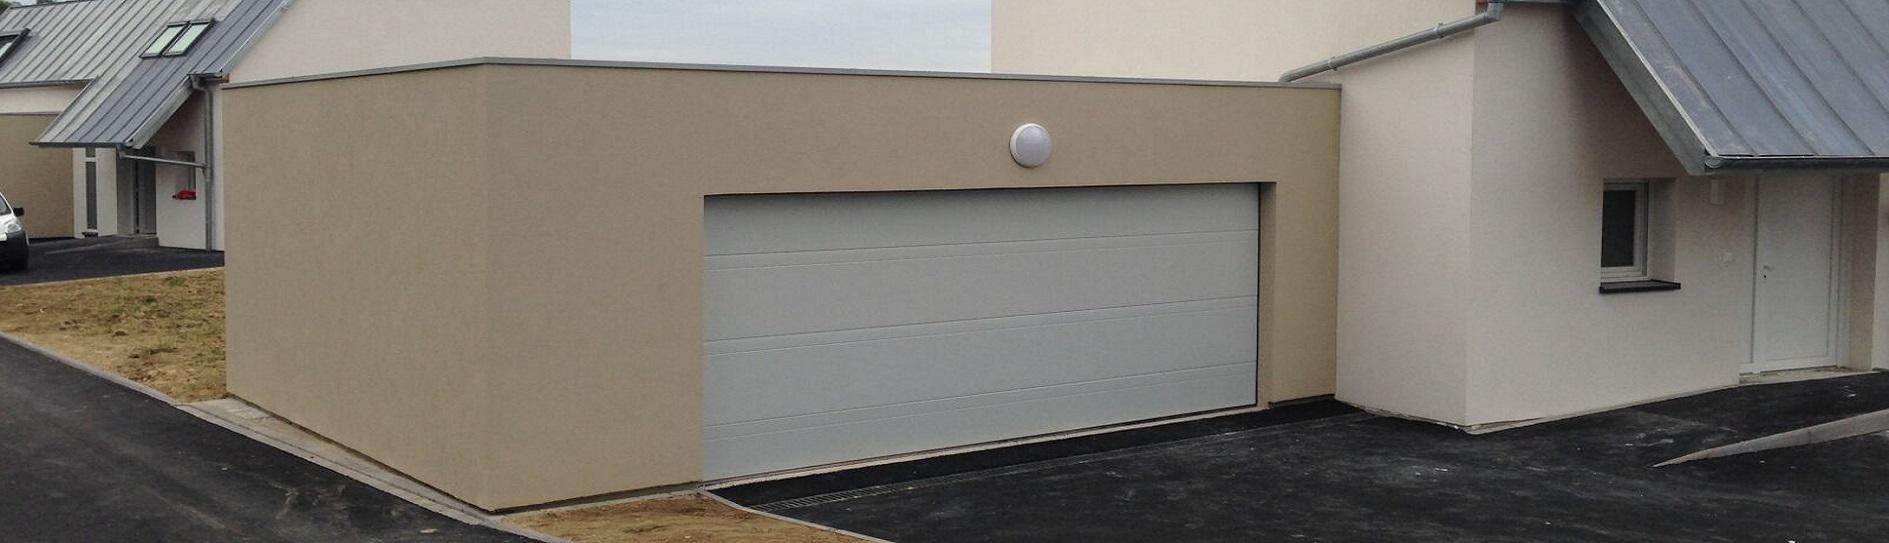 Fibre de bois sous cr pis votre garage bois for Votre garage bois